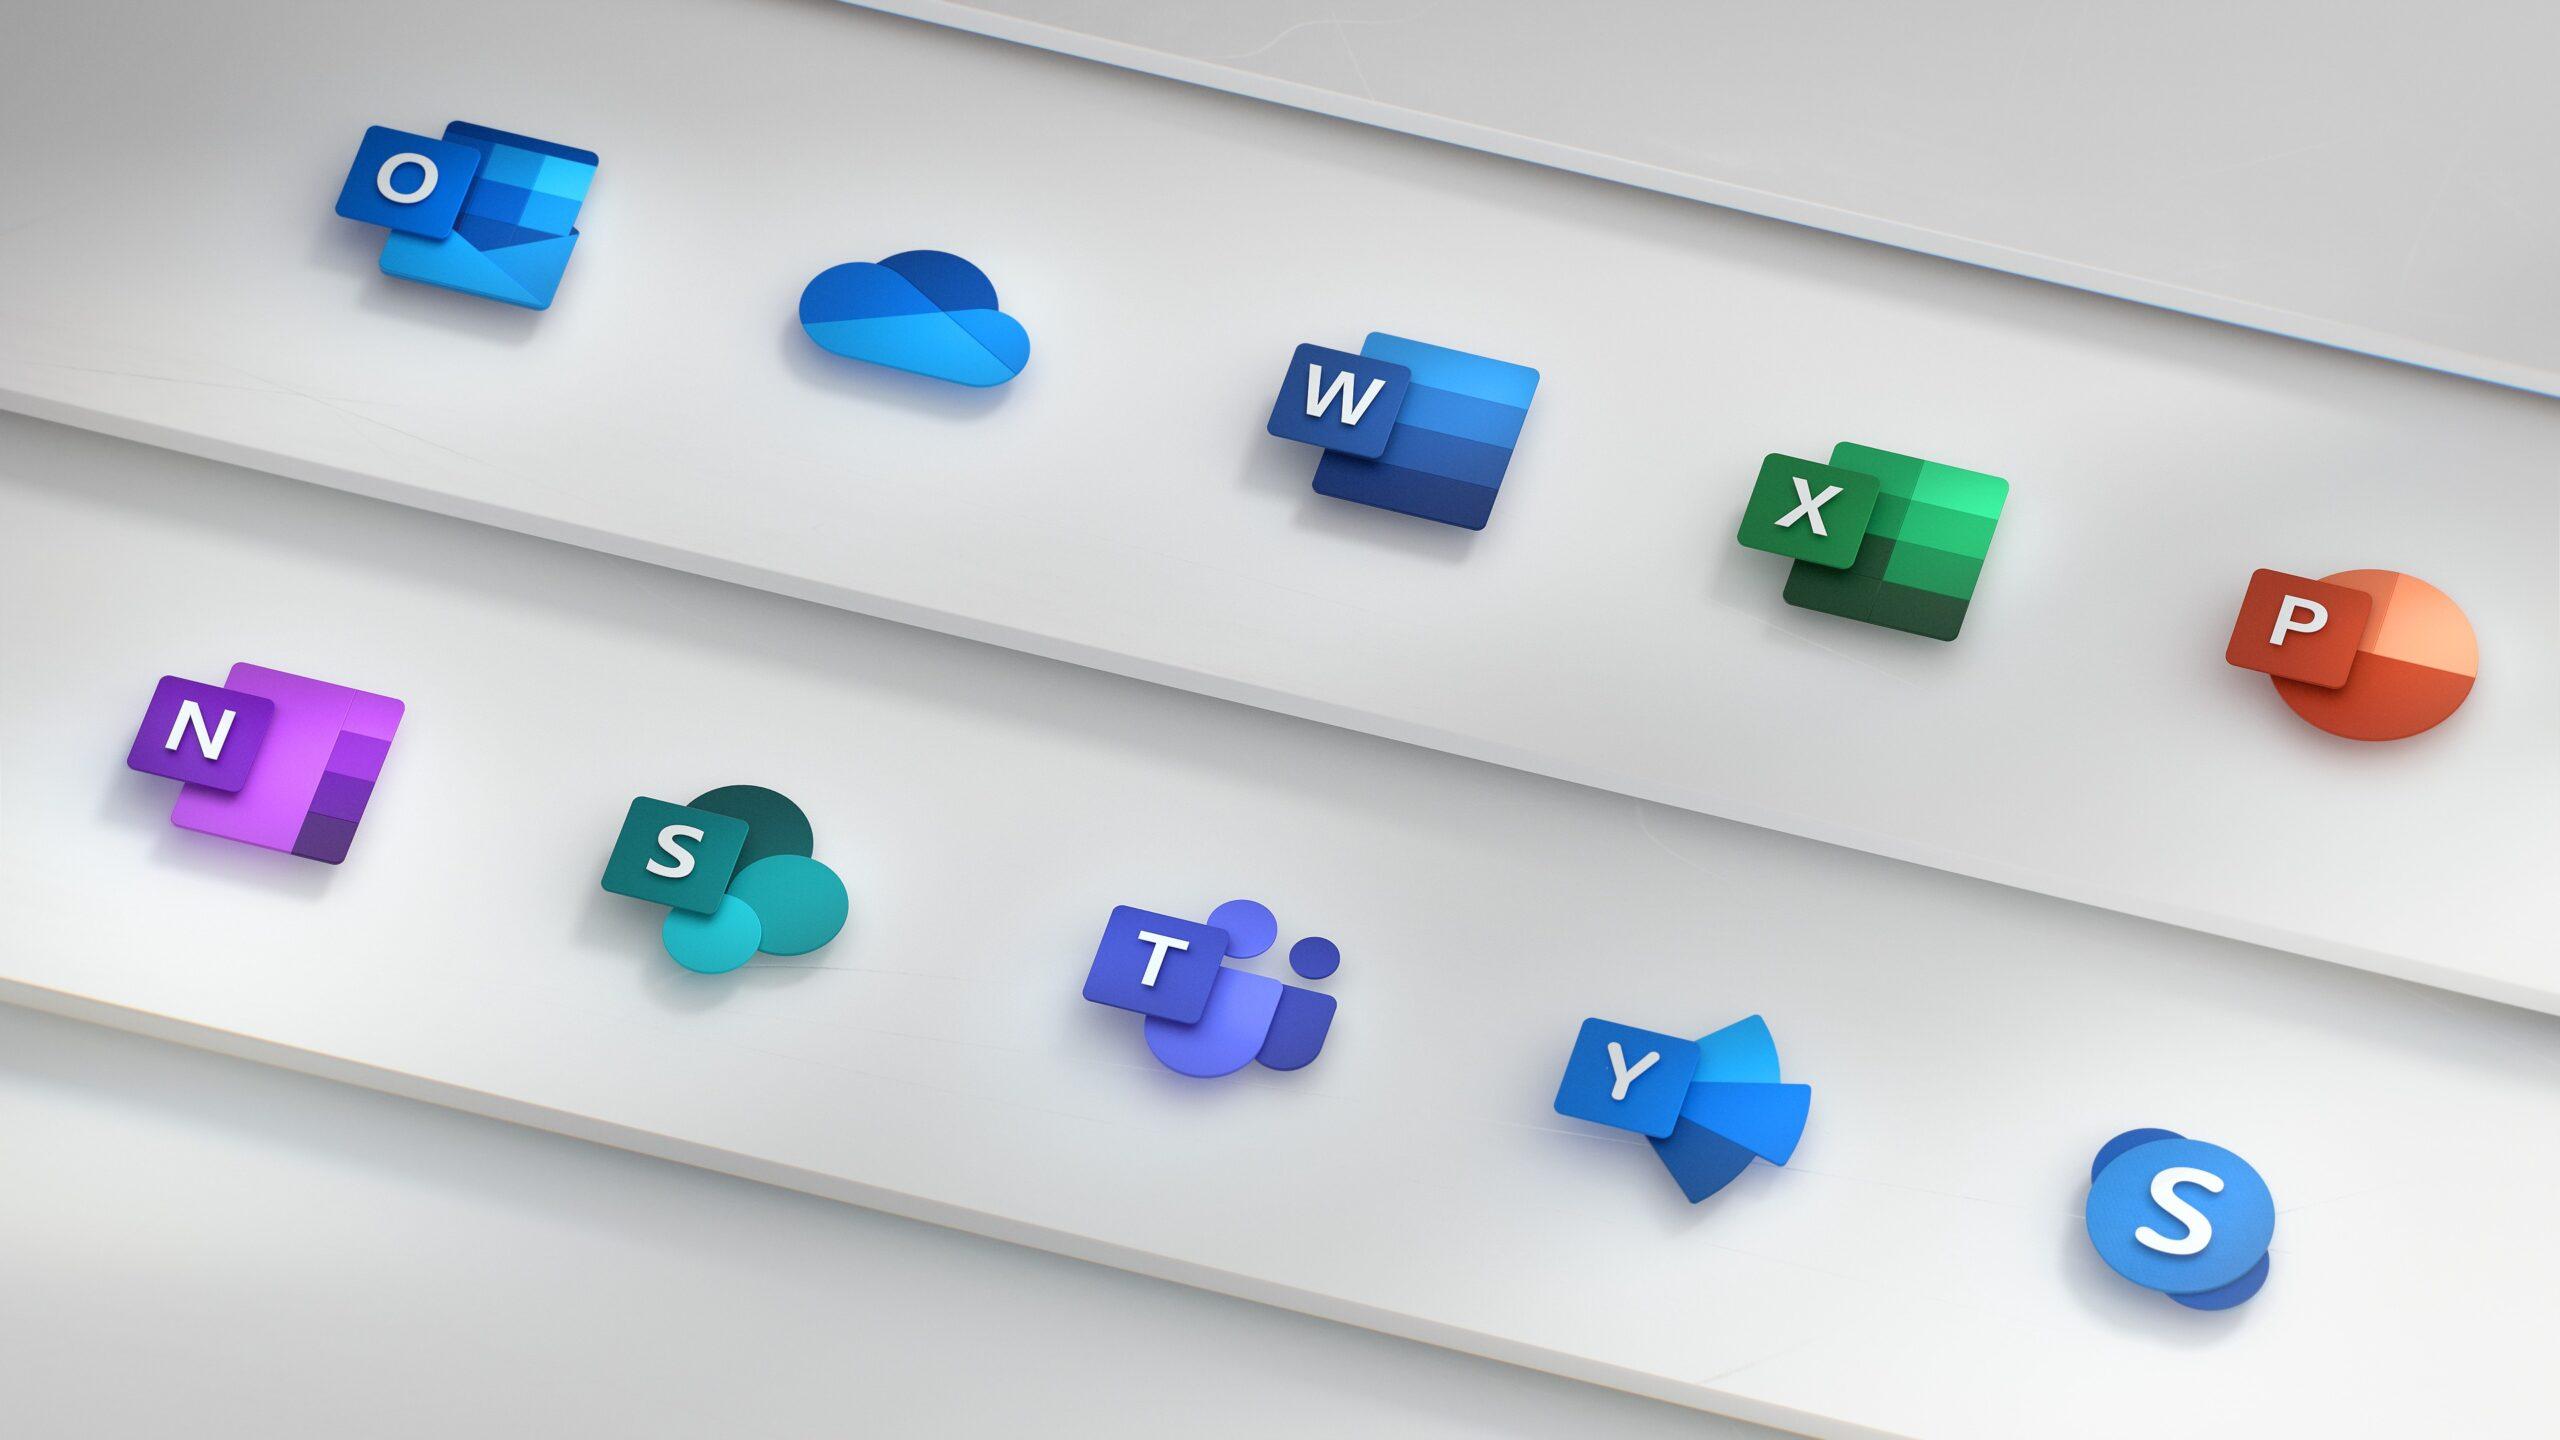 Descubre las novedades que han llegado a Microsoft 365 y Teams en abril